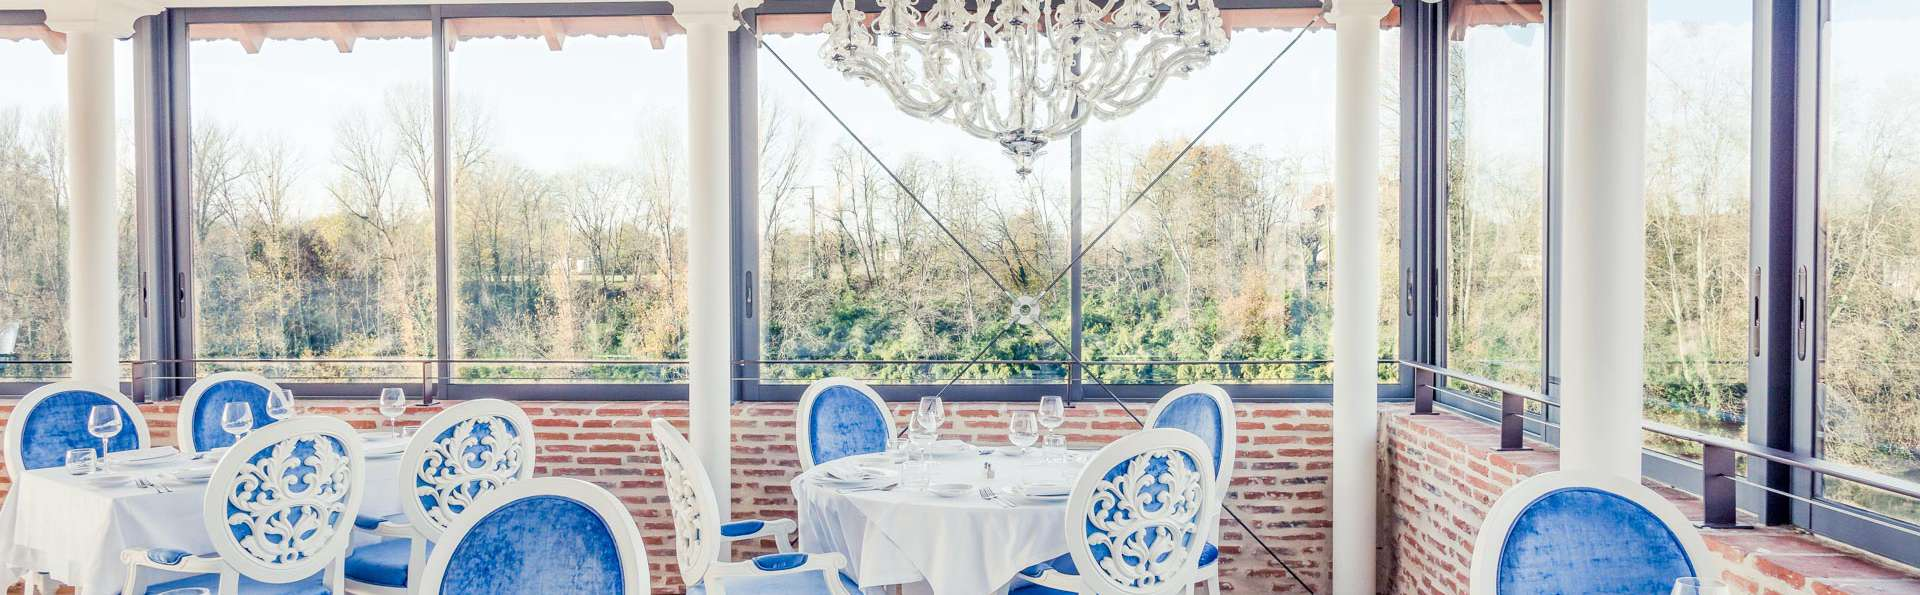 Escapade de charme au cœur de l 'Aquitaine avec dîner dans un cadre magnifique